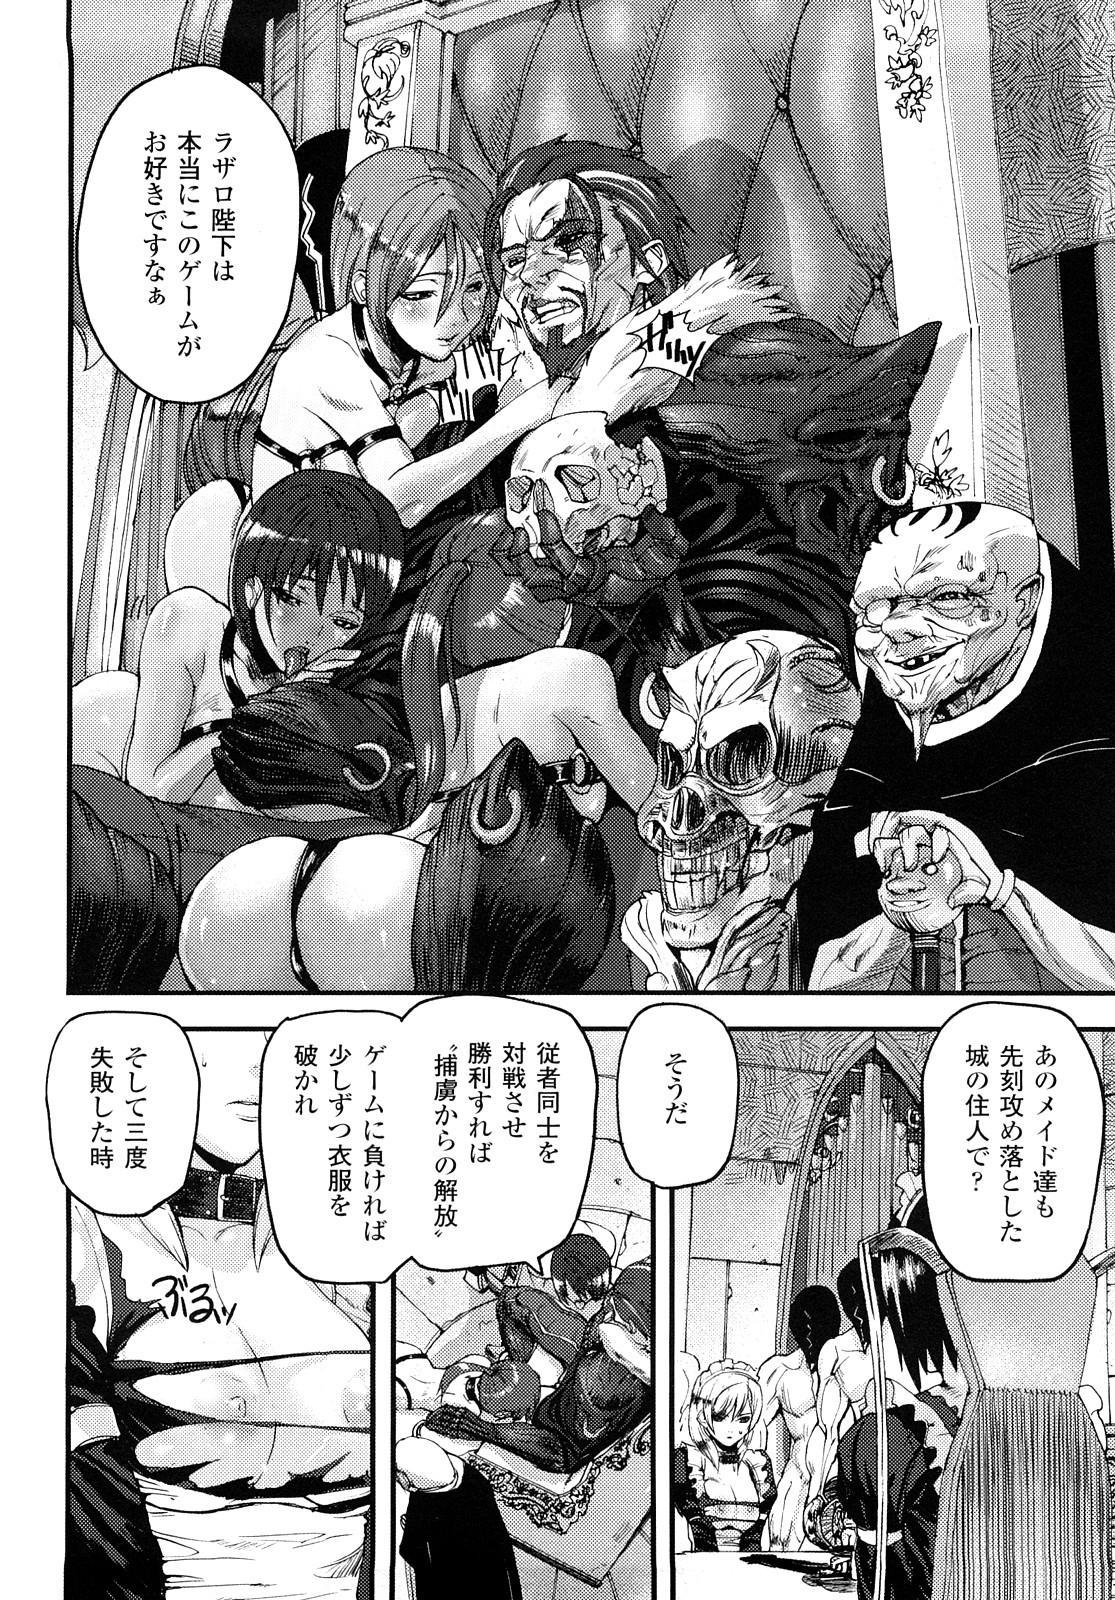 Cerberum no Hitsugi Haitoku no Hanmegami - The Coffin of Cerebrum Immoral Demivenus 8